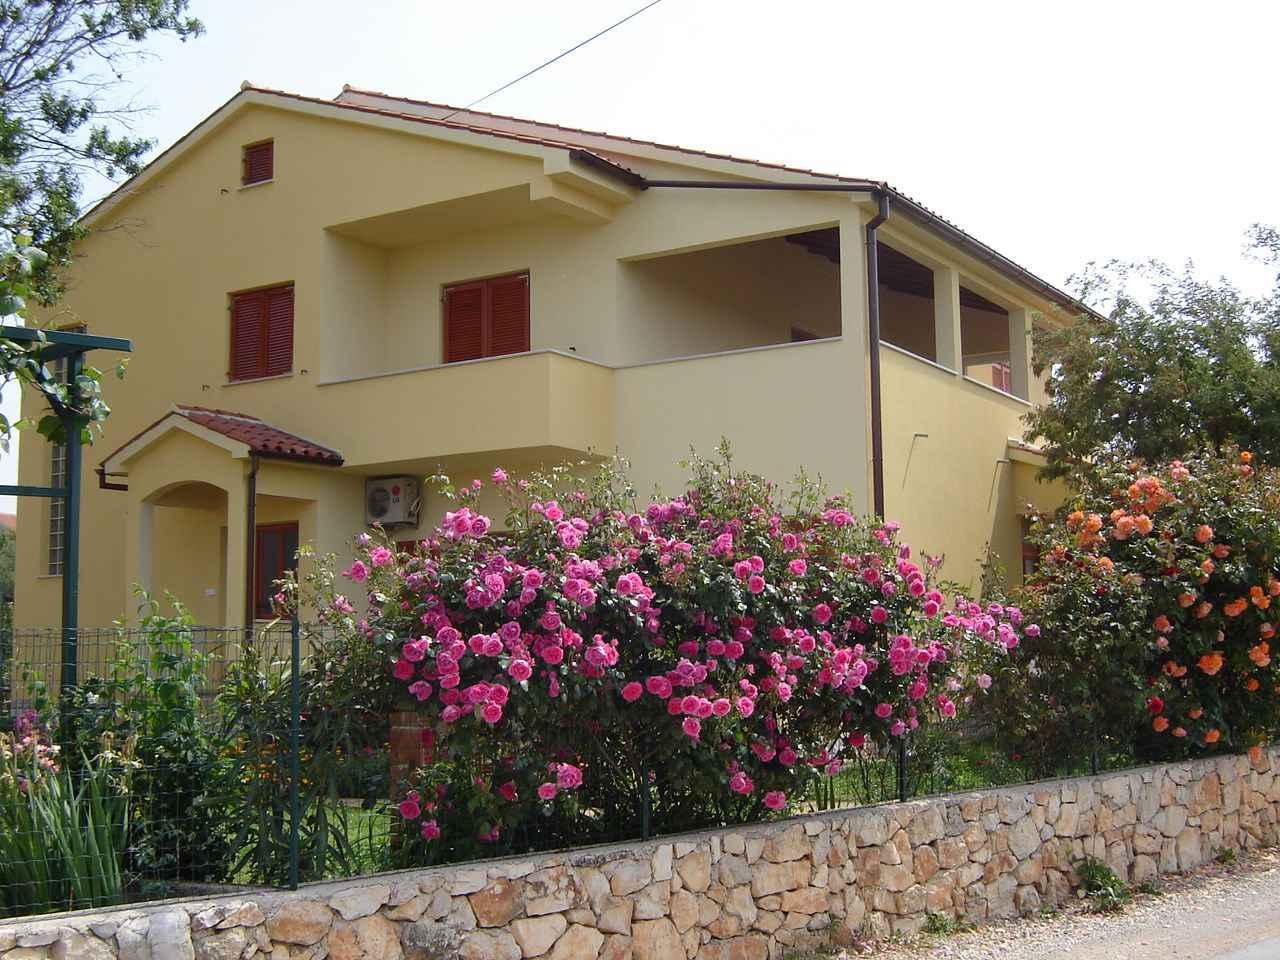 Ferienwohnung mit SAT-TV in ruhiger Lage (280672), Pula, , Istrien, Kroatien, Bild 2